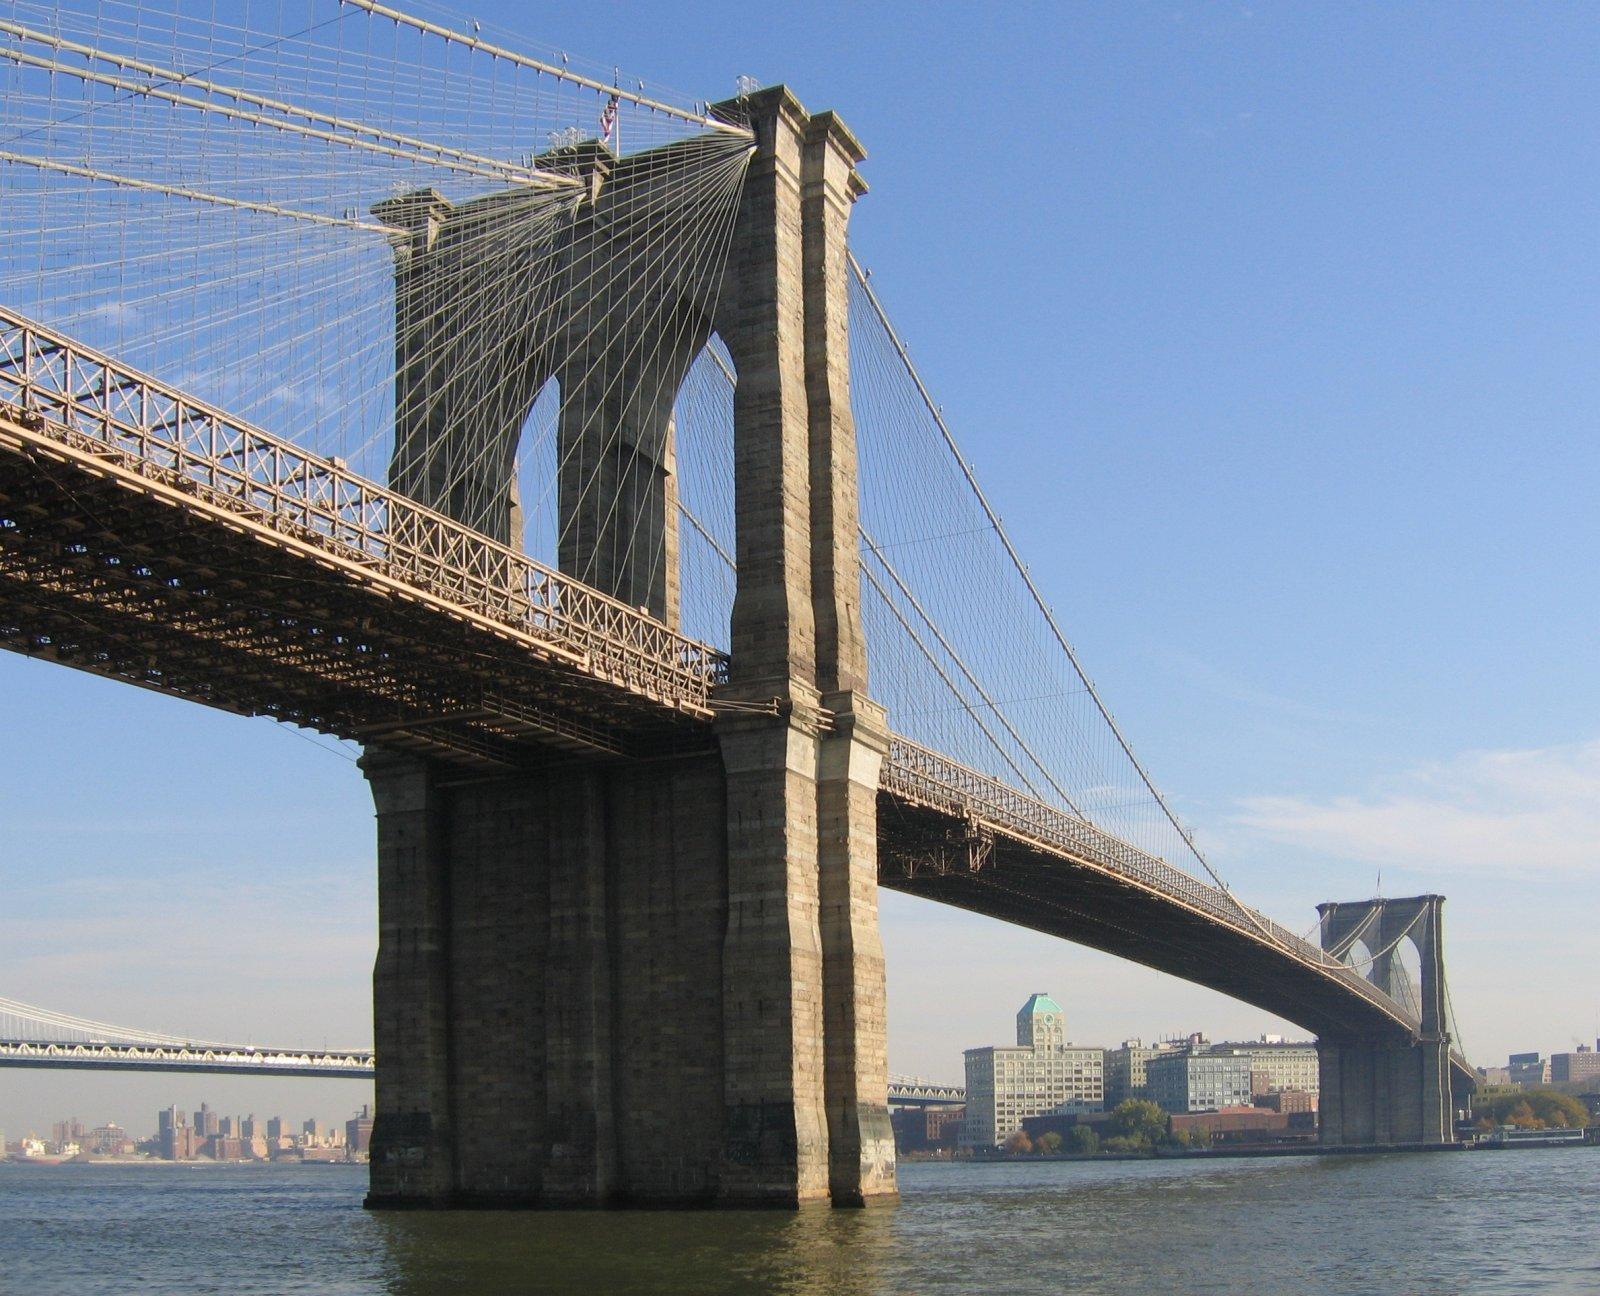 8.15. Обзорная экскурсия по Нью-Йорку и круиз вдоль Бруклинского моста, а также Манхеттена